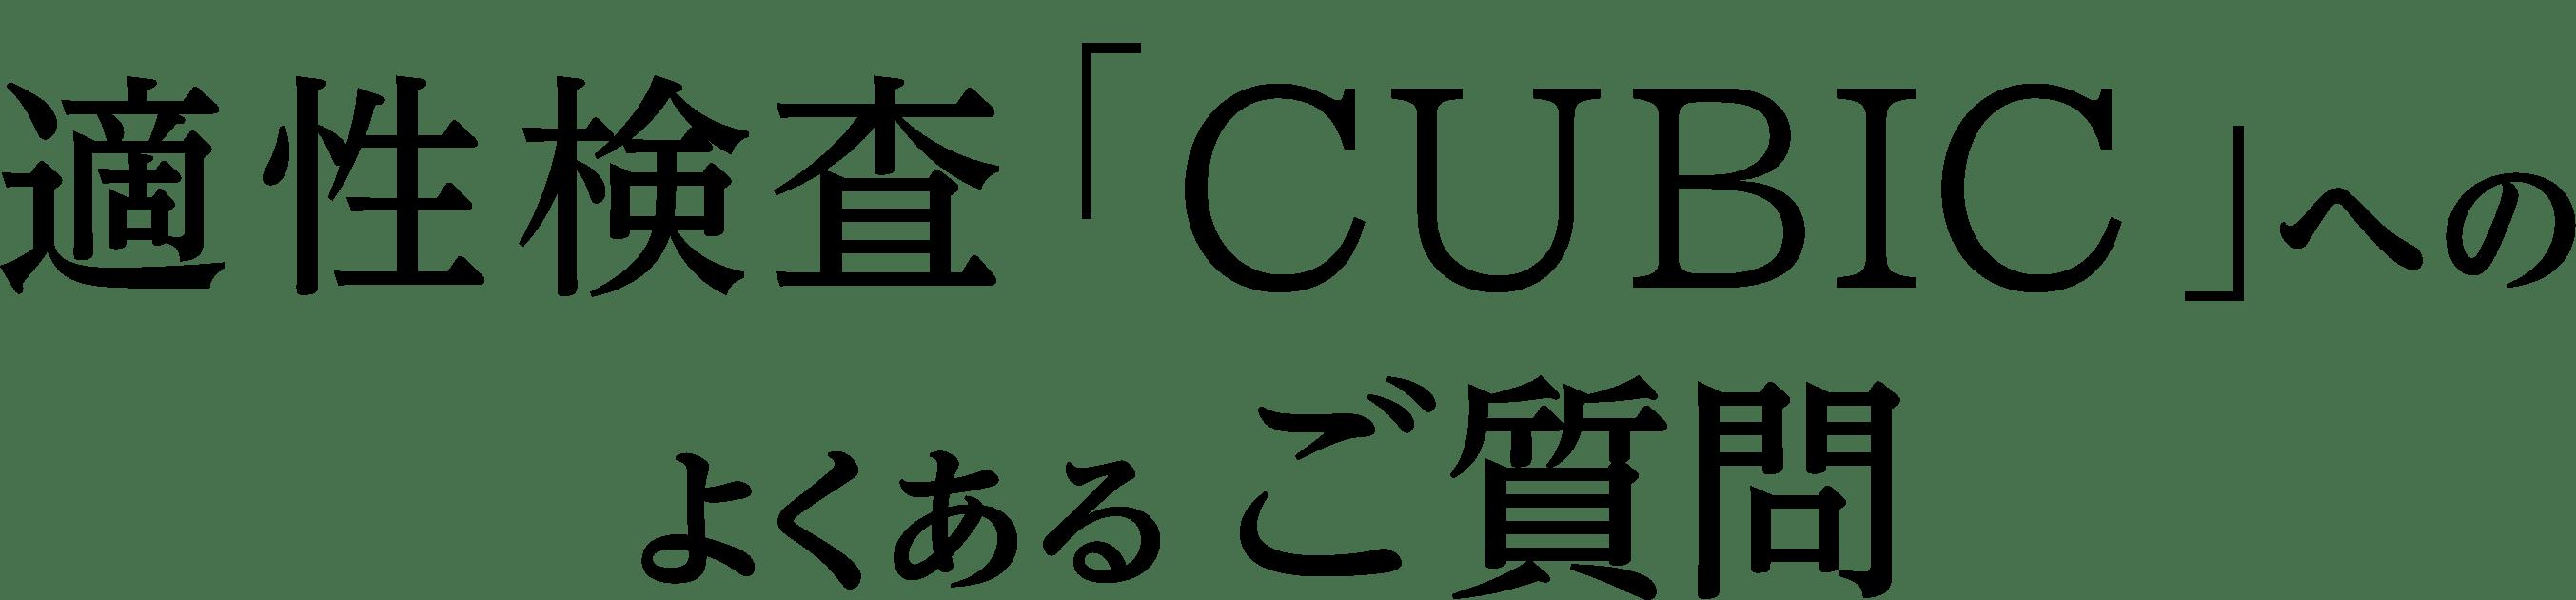 適性検査「CUBIC」へのよくあるご質問